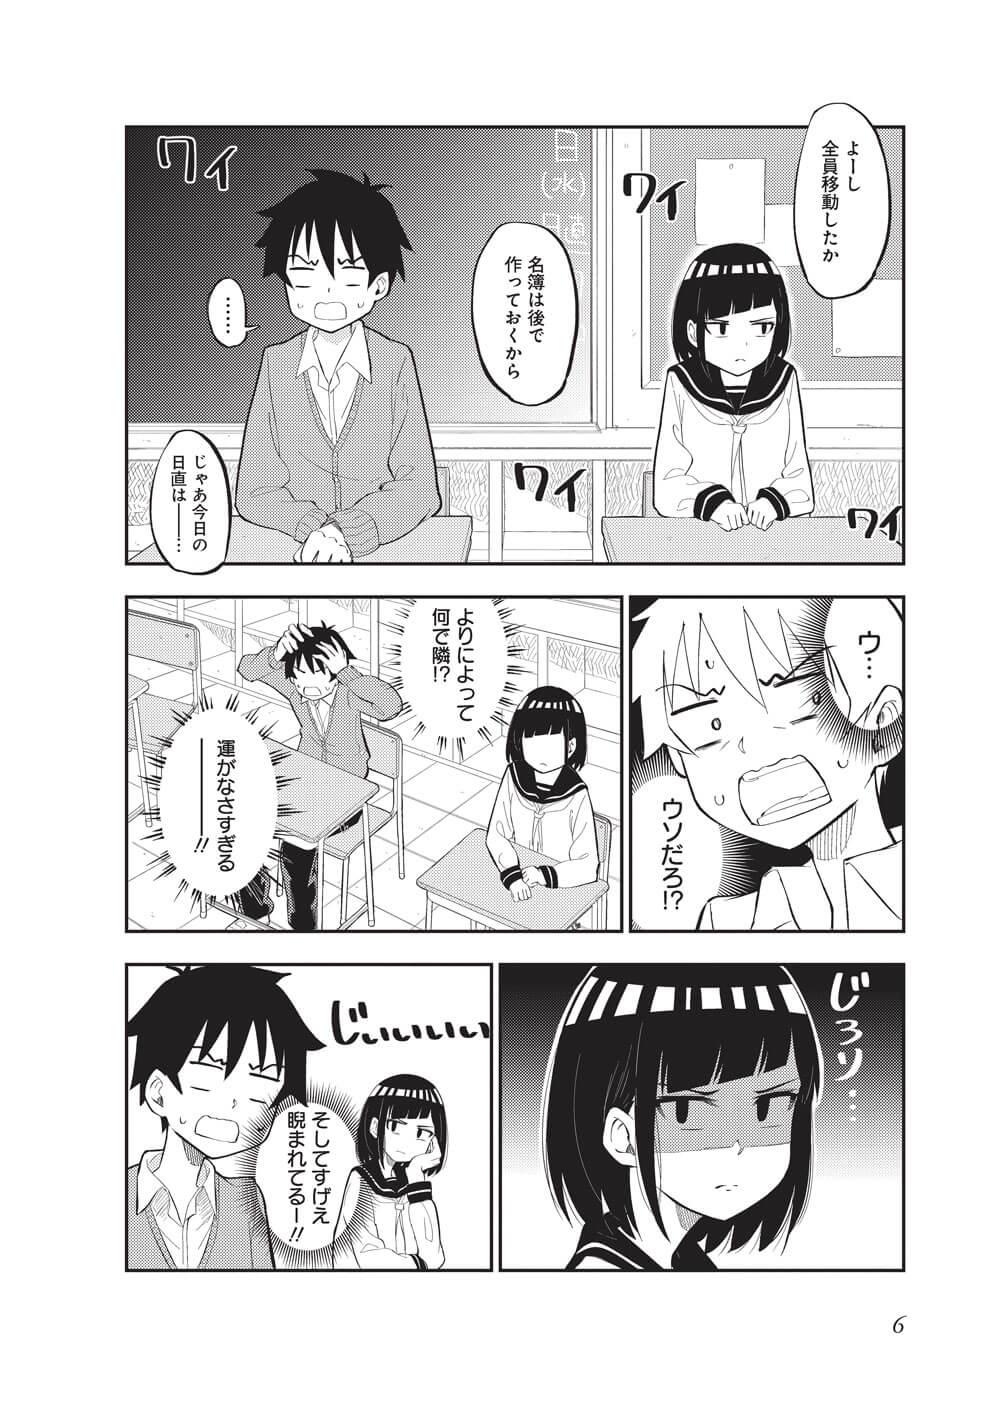 クラスメイトの田中さんはすごく怖い-1-4